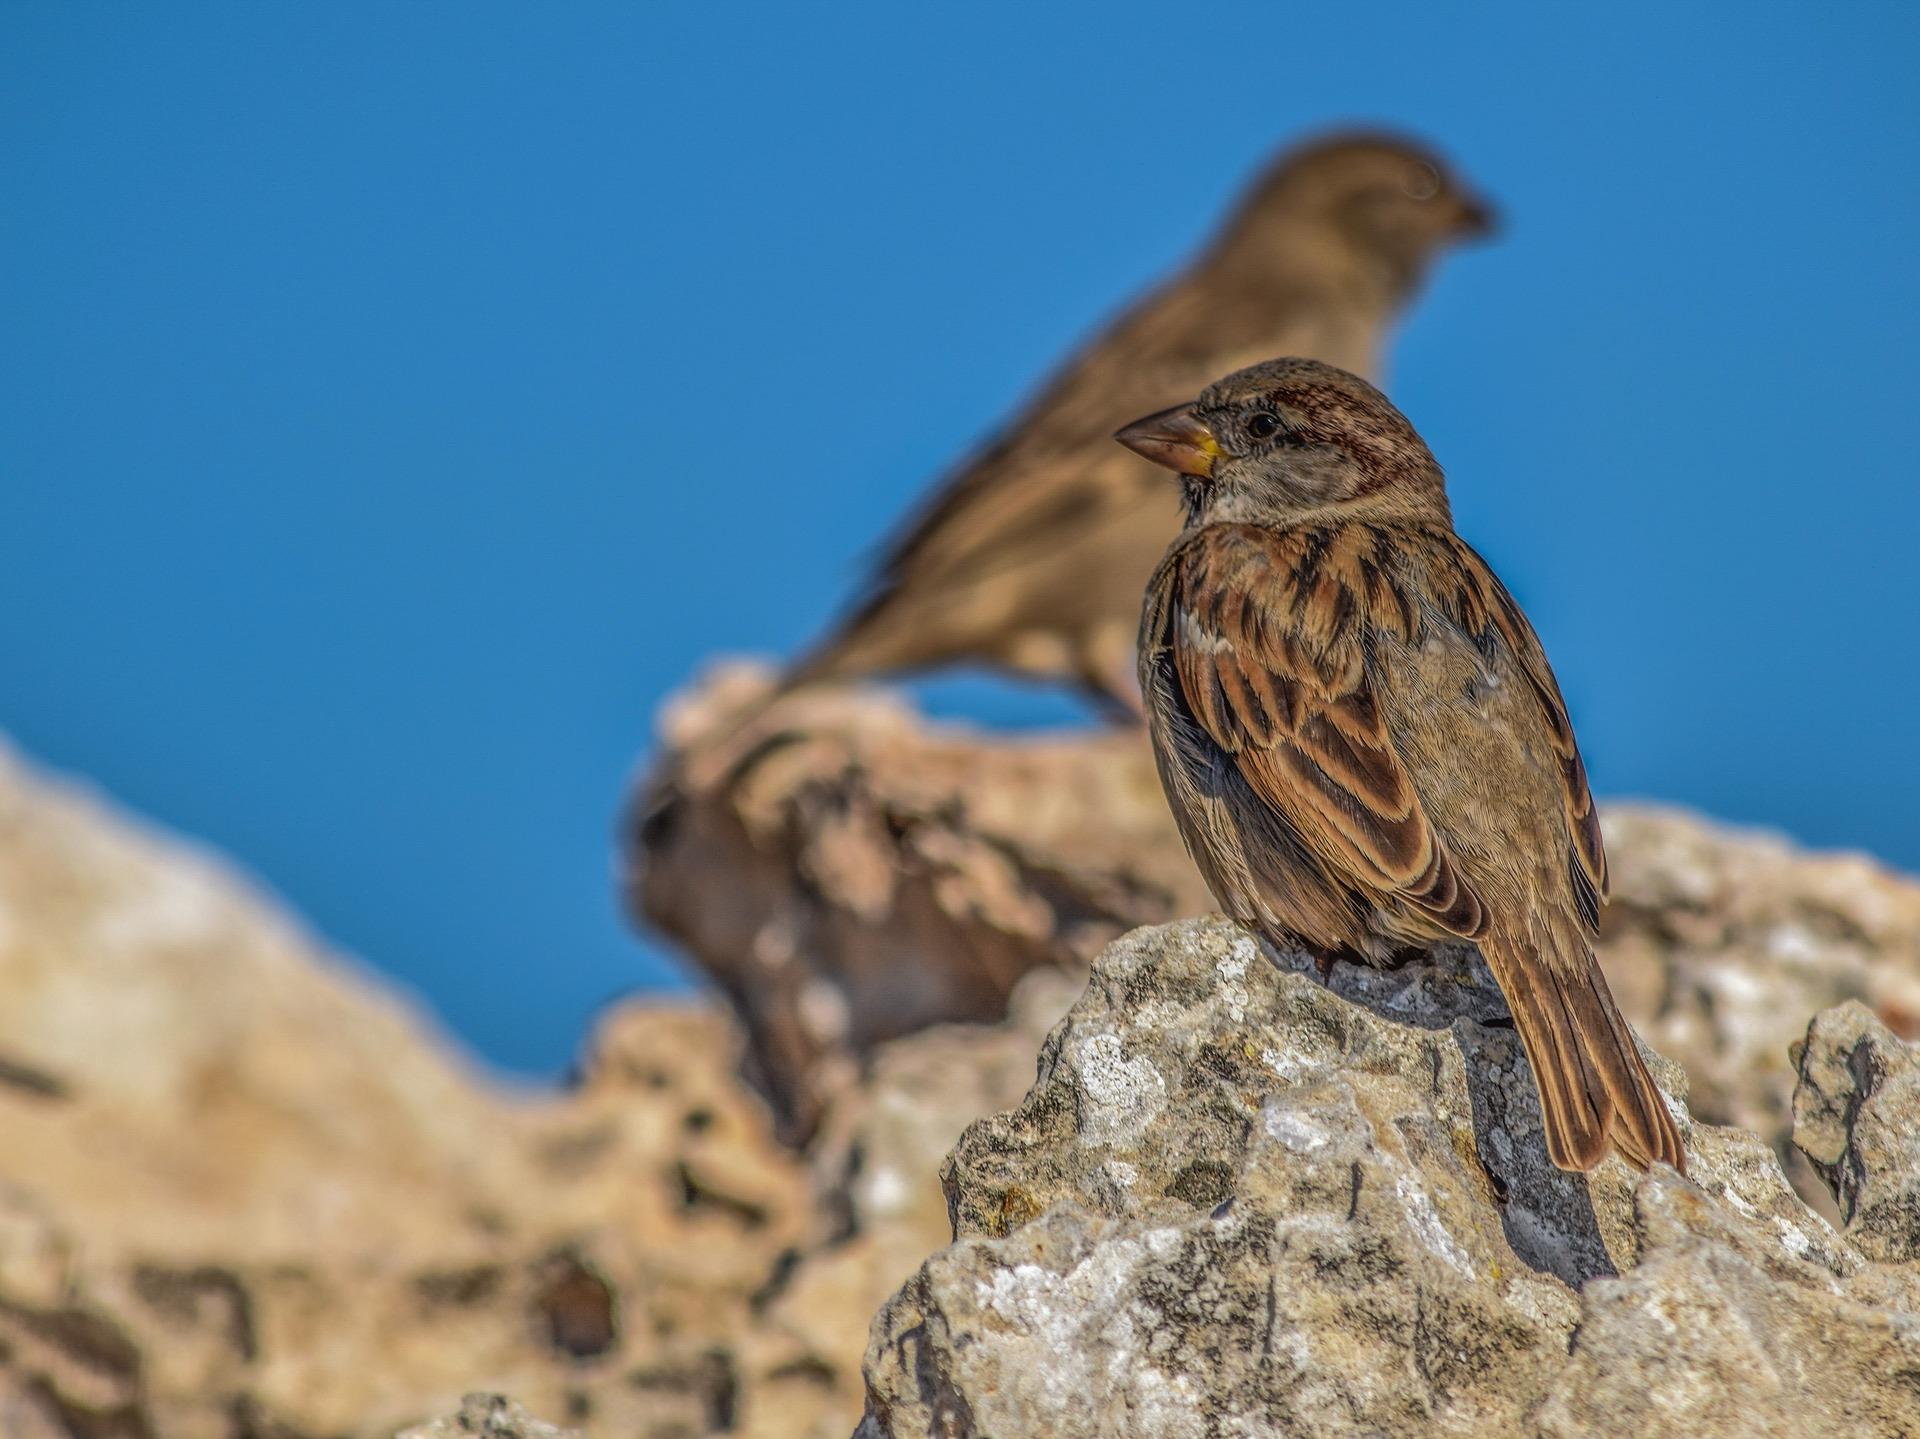 Prihodnji teden akcija Ptice okoli nas